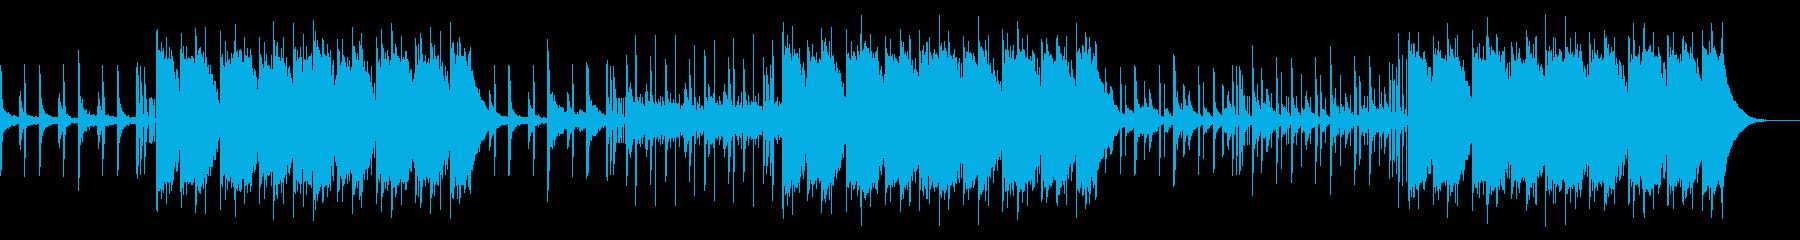 ダークトラップ 悲しいピアノ バイオリンの再生済みの波形